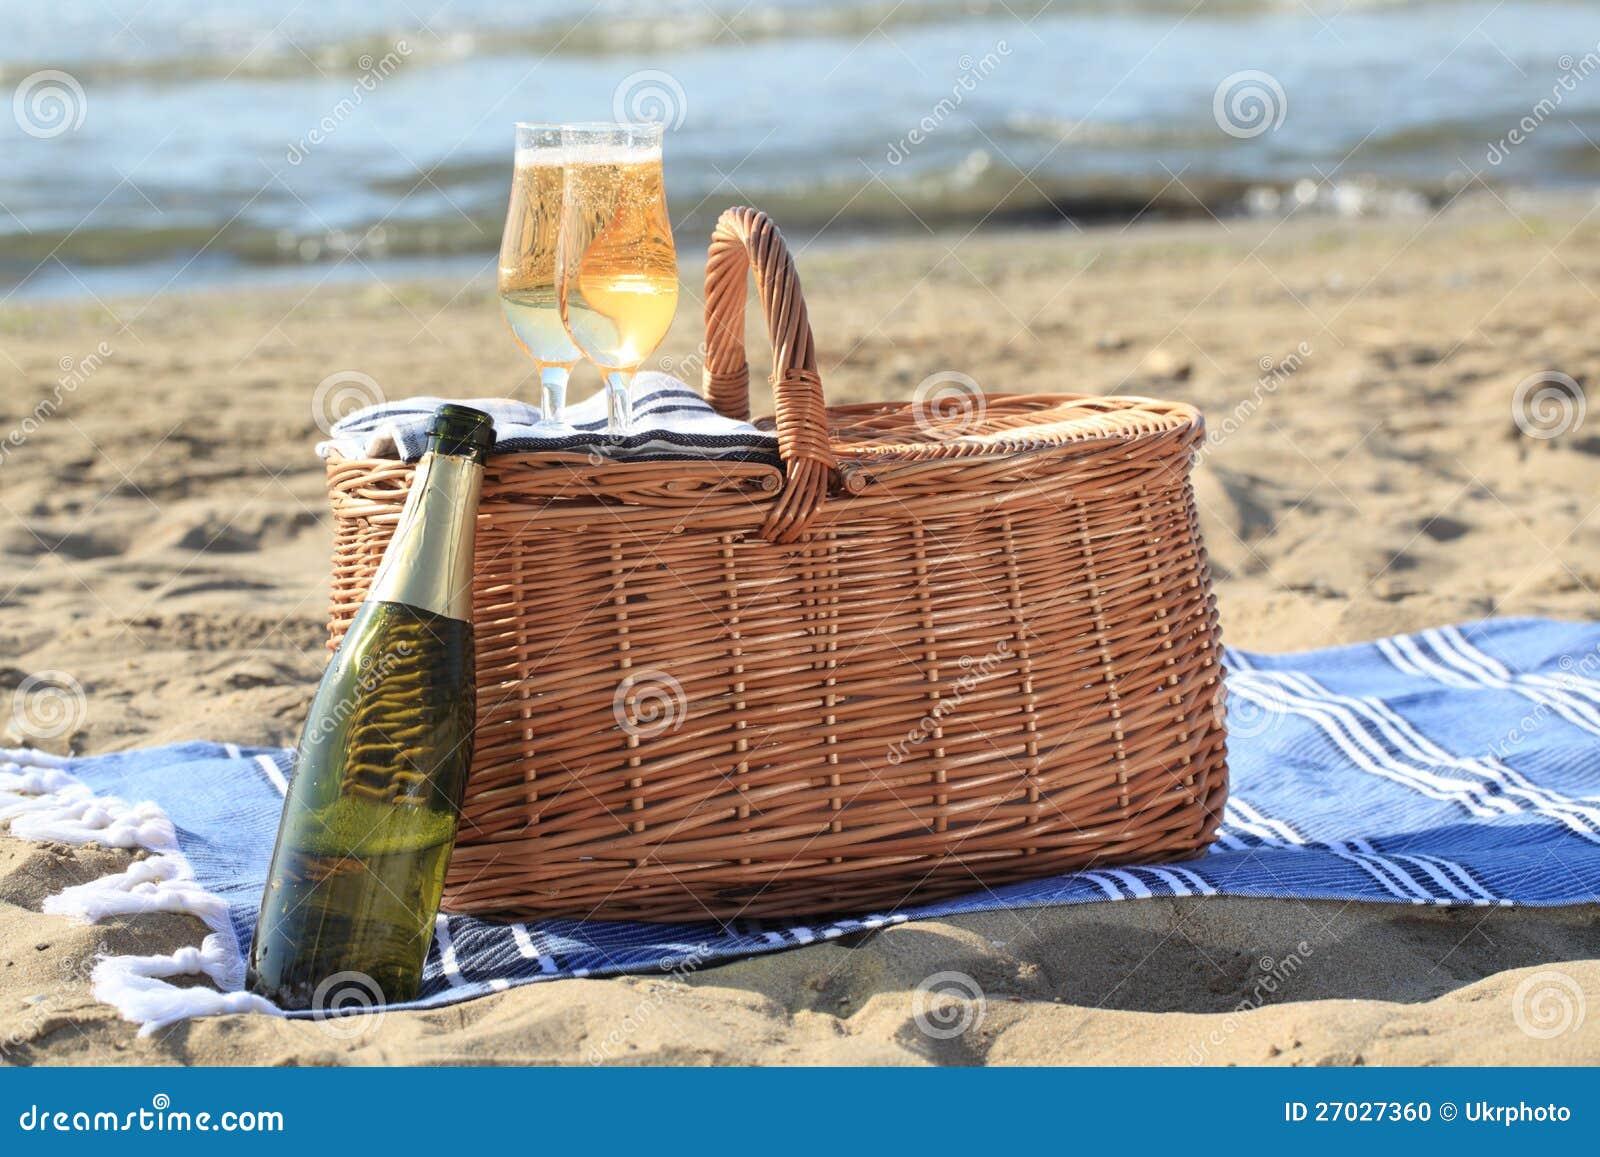 panier de pique nique sur une plage photo stock image. Black Bedroom Furniture Sets. Home Design Ideas